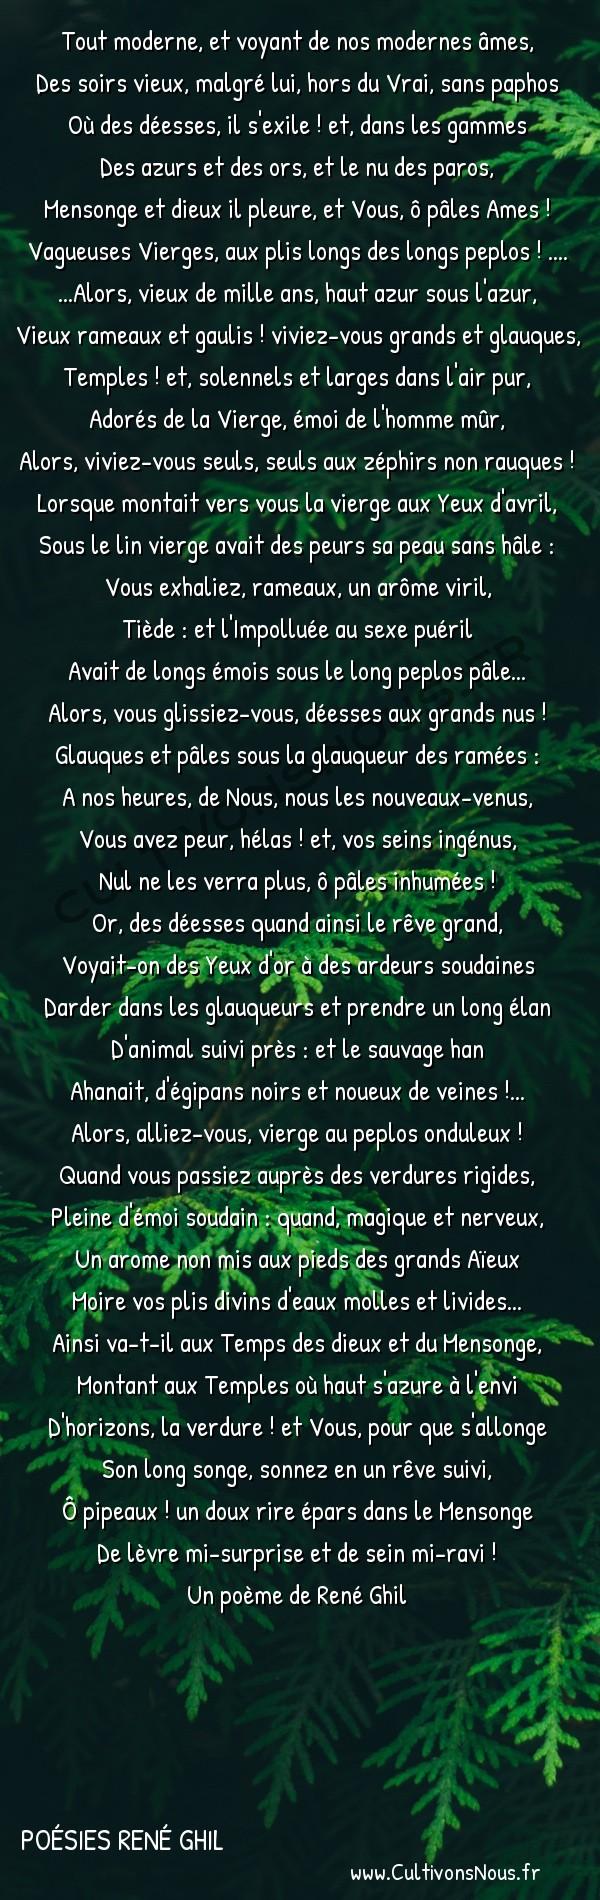 Poésies René Ghil - Légendes d'âmes et de sangs - Aux temps des dieux -  Tout moderne, et voyant de nos modernes âmes, Des soirs vieux, malgré lui, hors du Vrai, sans paphos